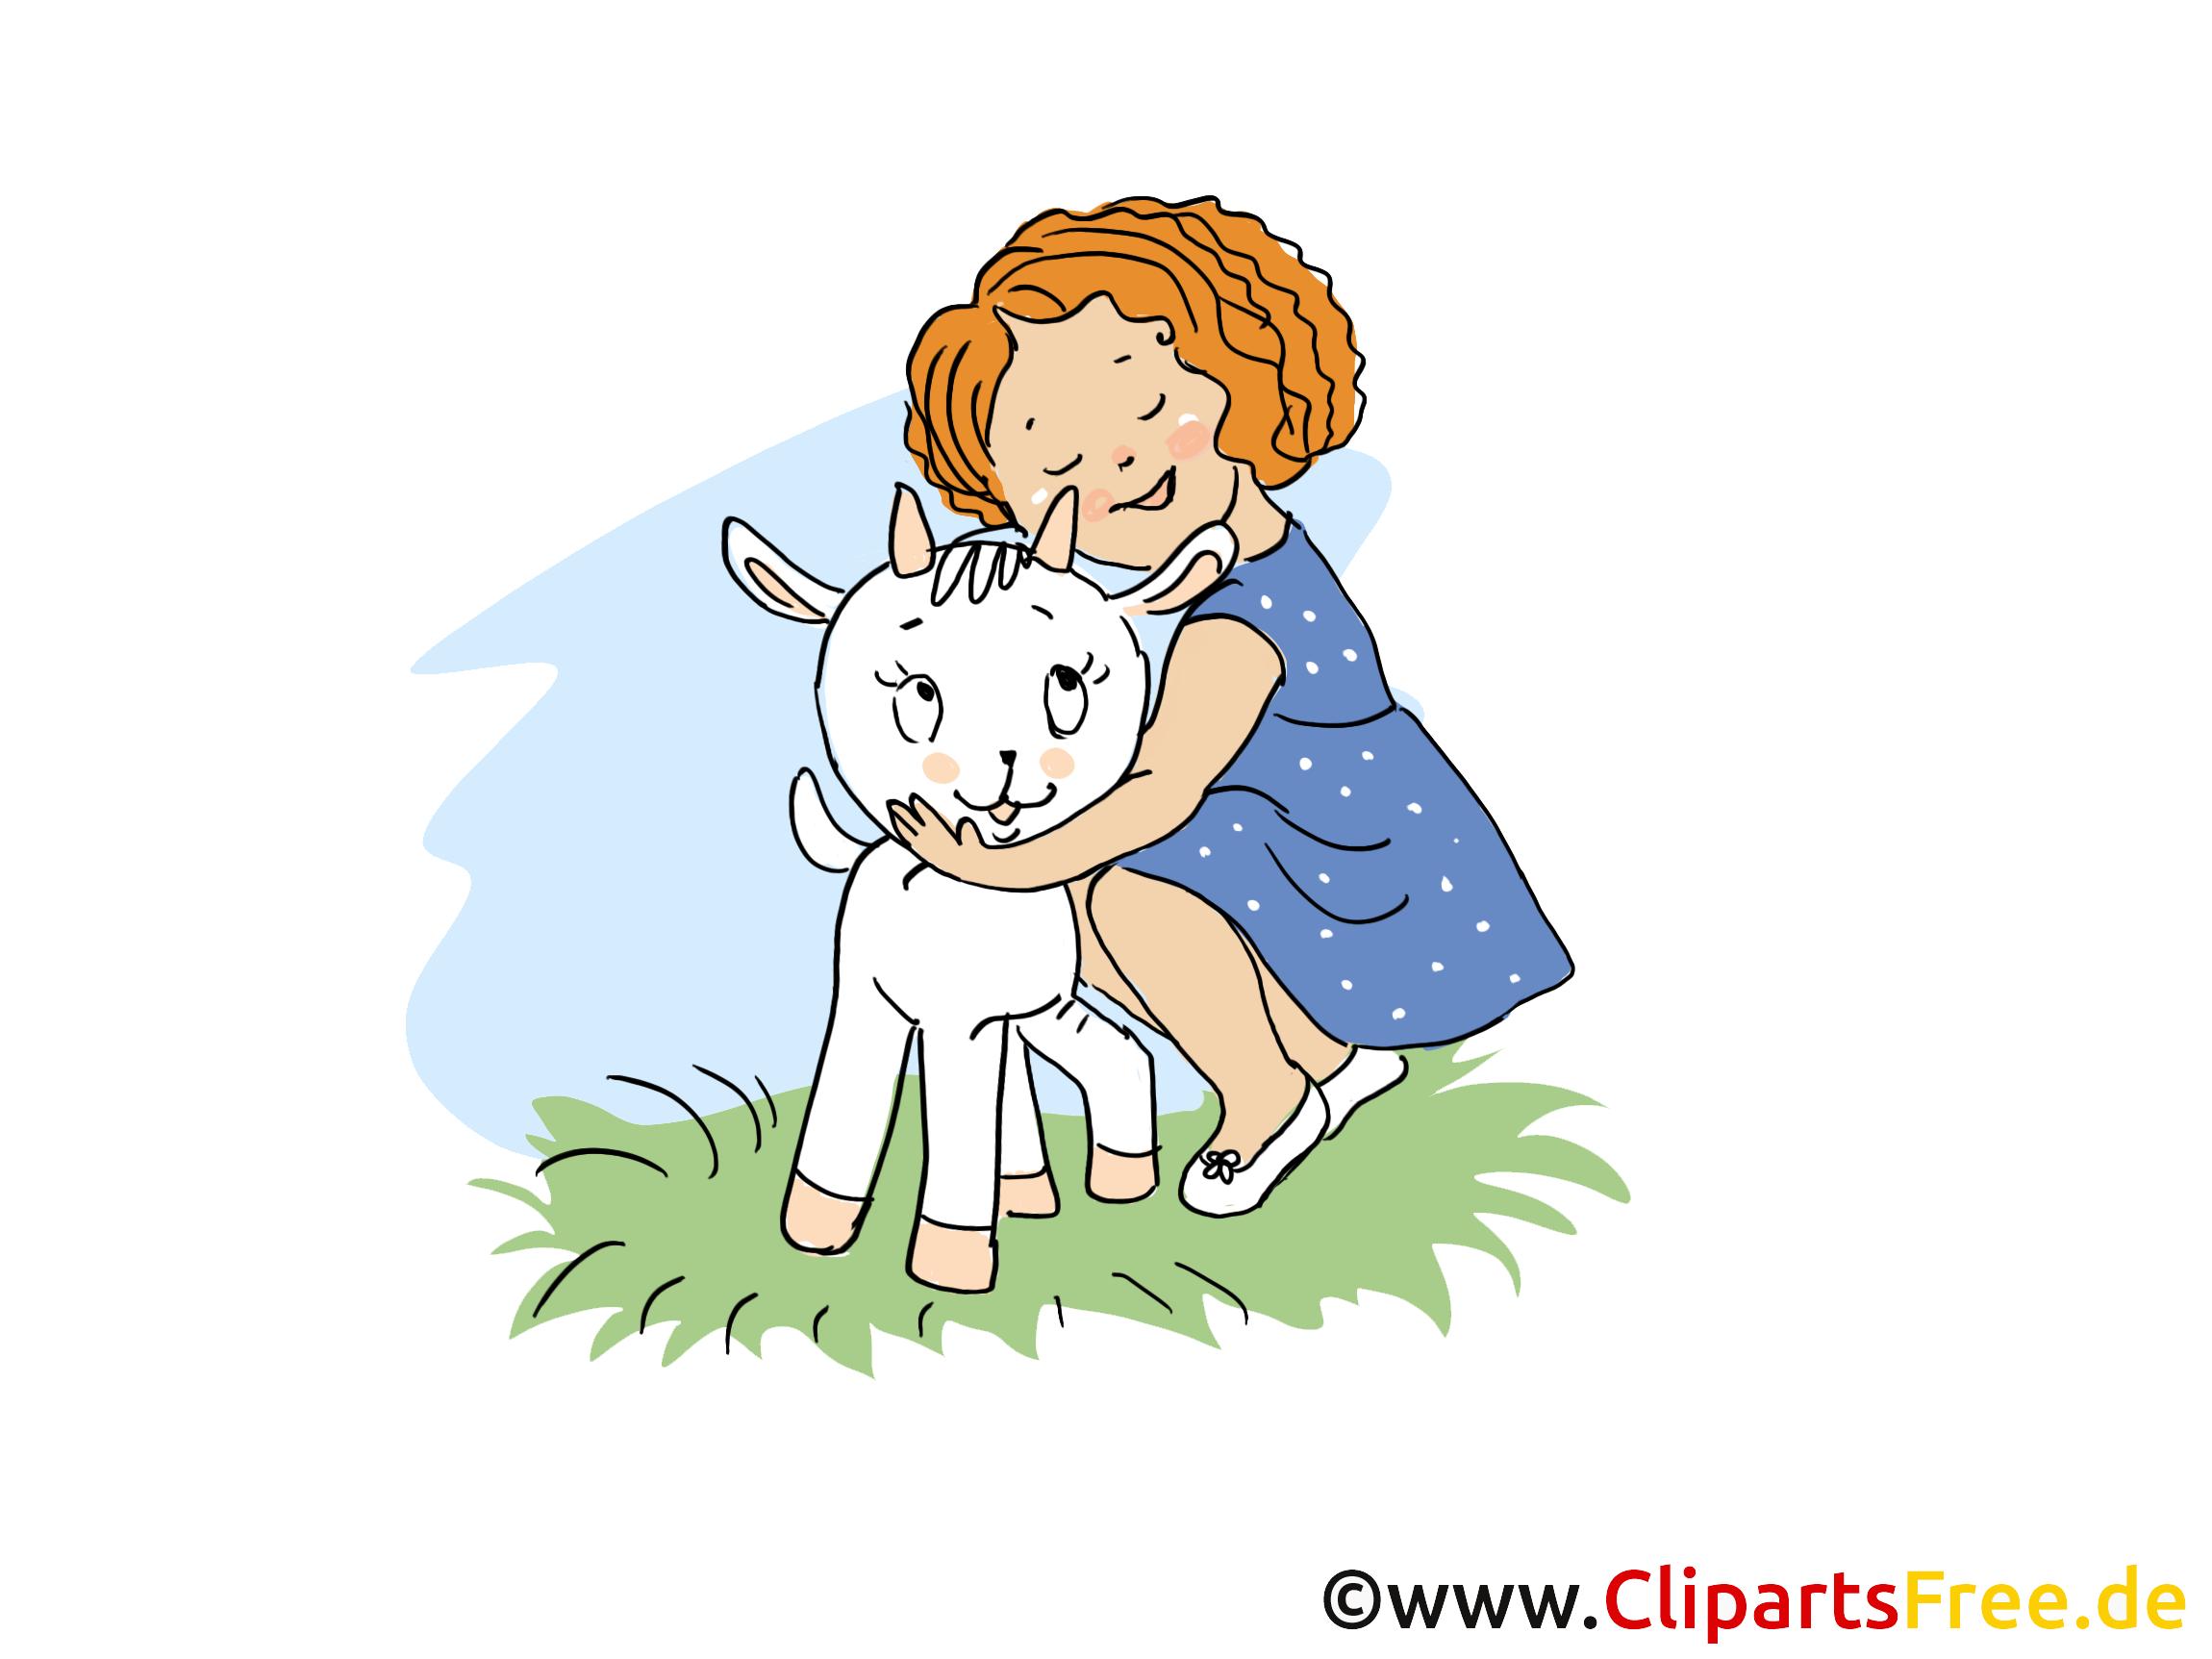 Mädchen mit Ziege Bild, Clipart, Cartoon, Grafik